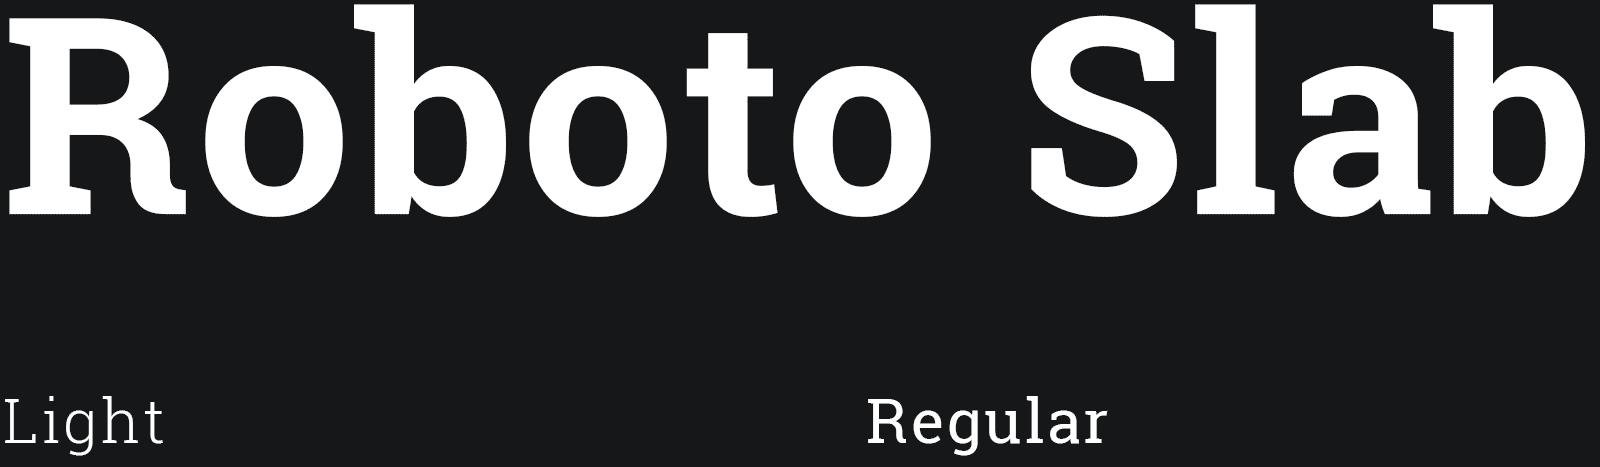 Type_2_1600